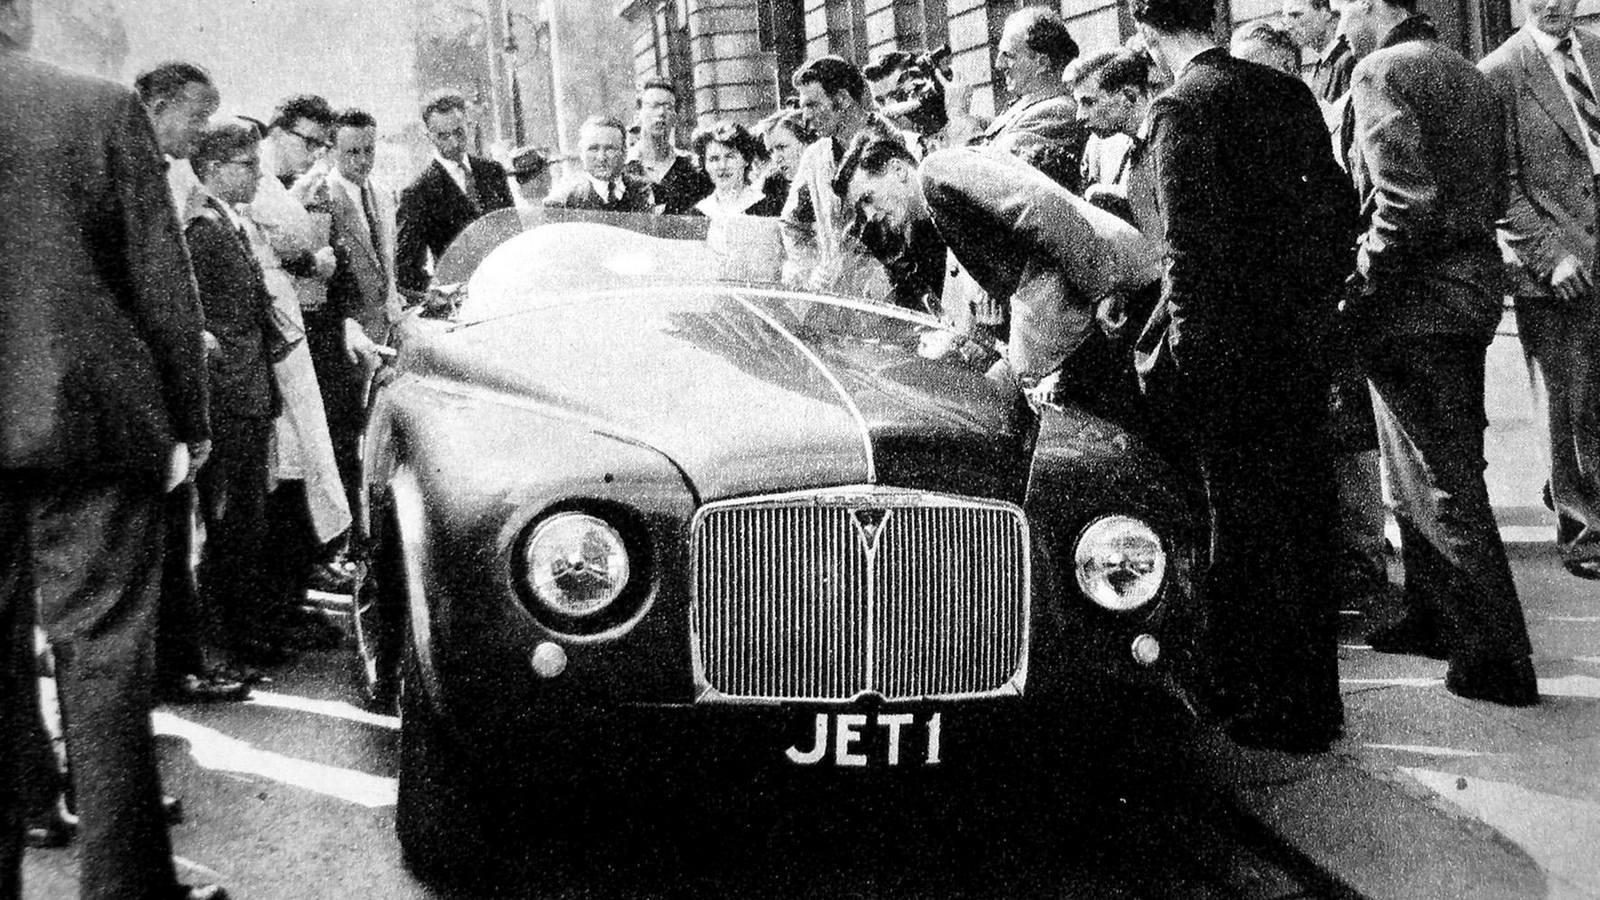 Лавры создания первого в мире газотурбинного легкового автомобиля принадлежали британской компании Rover, инженеры которой впервые познакомилась с такими агрегатами во время Второй мировой войны при секретных разработках авиационных и танковых газовых турбин.Первый в мире газотурбинный автомобиль Rover Jet-1 удивлял всех прохожих в Лондоне. 1950 годВ 1946 году, не имея понятия, к чему приведут её старания, фирма Rover приступила к созданию экспериментальной открытой двухместной машины Jet-1 с задним расположением двигателя. Затем ушло еще три года на доработку базового легкового шасси Р-4 без коробки передач, на выбор схемы ГТД и испытания первого работоспособного двигателя Т-5 в 100 сил. Его центробежный компрессор вращался с частотой до 40 тысяч оборотов в минуту, а вал турбины развивал 26 тысяч, для чего была введена понижающая передача на колеса.Опробование второго более мощного турбоавтомобиля Rover Jet-1. 1952 год (фото R. Gerelli)Публичная демонстрация автомобиля Jet-1 сопровождалась шумной рекламной кампанией (фото R. Gerelli)Презентация Jet-1 состоялась в марте 1950 года. Через два года начались испытания модернизированного варианта с 230-сильной турбиной Т-8. Такой ГТД отличался плавностью работы, но слишком высокая рабочая температура потребовала применения редких и дорогих материалов, а расход авиационного керосина достигал 50 литров на 100 километров.Единственная сохранившаяся машина Rover Jet-1 образца 1950 года в лондонском Музее науки (фото автора)В 1956 году фирма Rover вернулась к ГТД второго поколения с новой 100-сильной турбиной 2S/100 и теплообменником производства компании British Leyland. Ее смонтировали в задней части полноприводного автомобиля Т-3 с двухместным стеклопластиковым кузовом на сварной раме с алюминиевыми усилителями и дисковыми тормозами. Максимальная скорость достигала 170 км/ч, расход топлива сократился до 22 литров, но в то время компания уже не могла выделить крупных средств на продолжение этих работ.Испытания уникального по